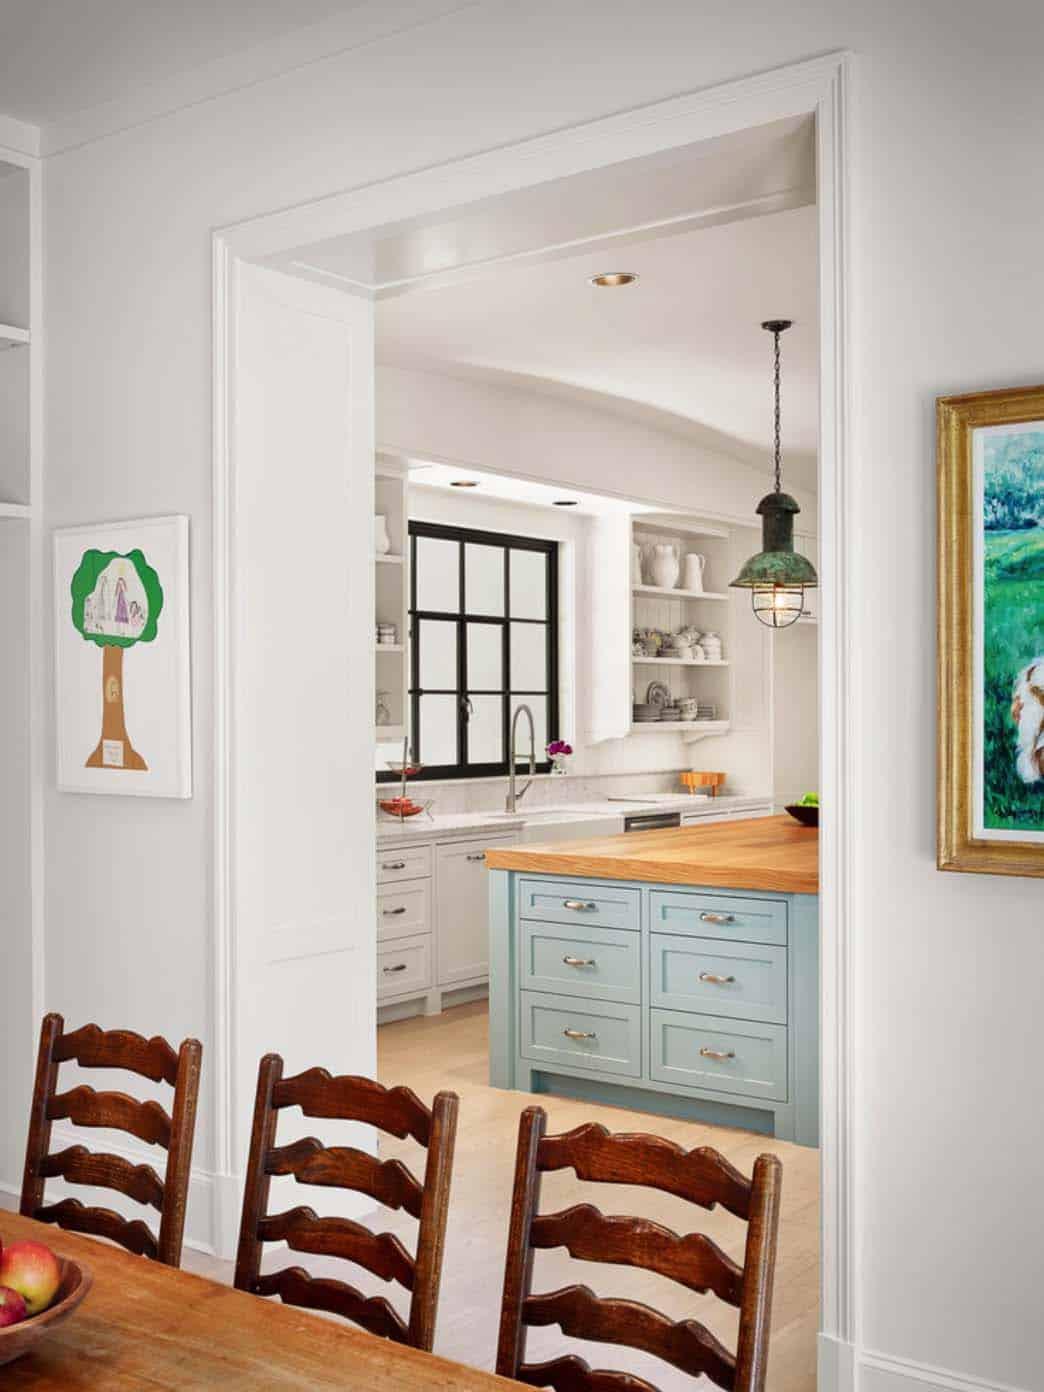 Farmhouse Style Home-Dillon Kyle Architects-09-1 Kindesign